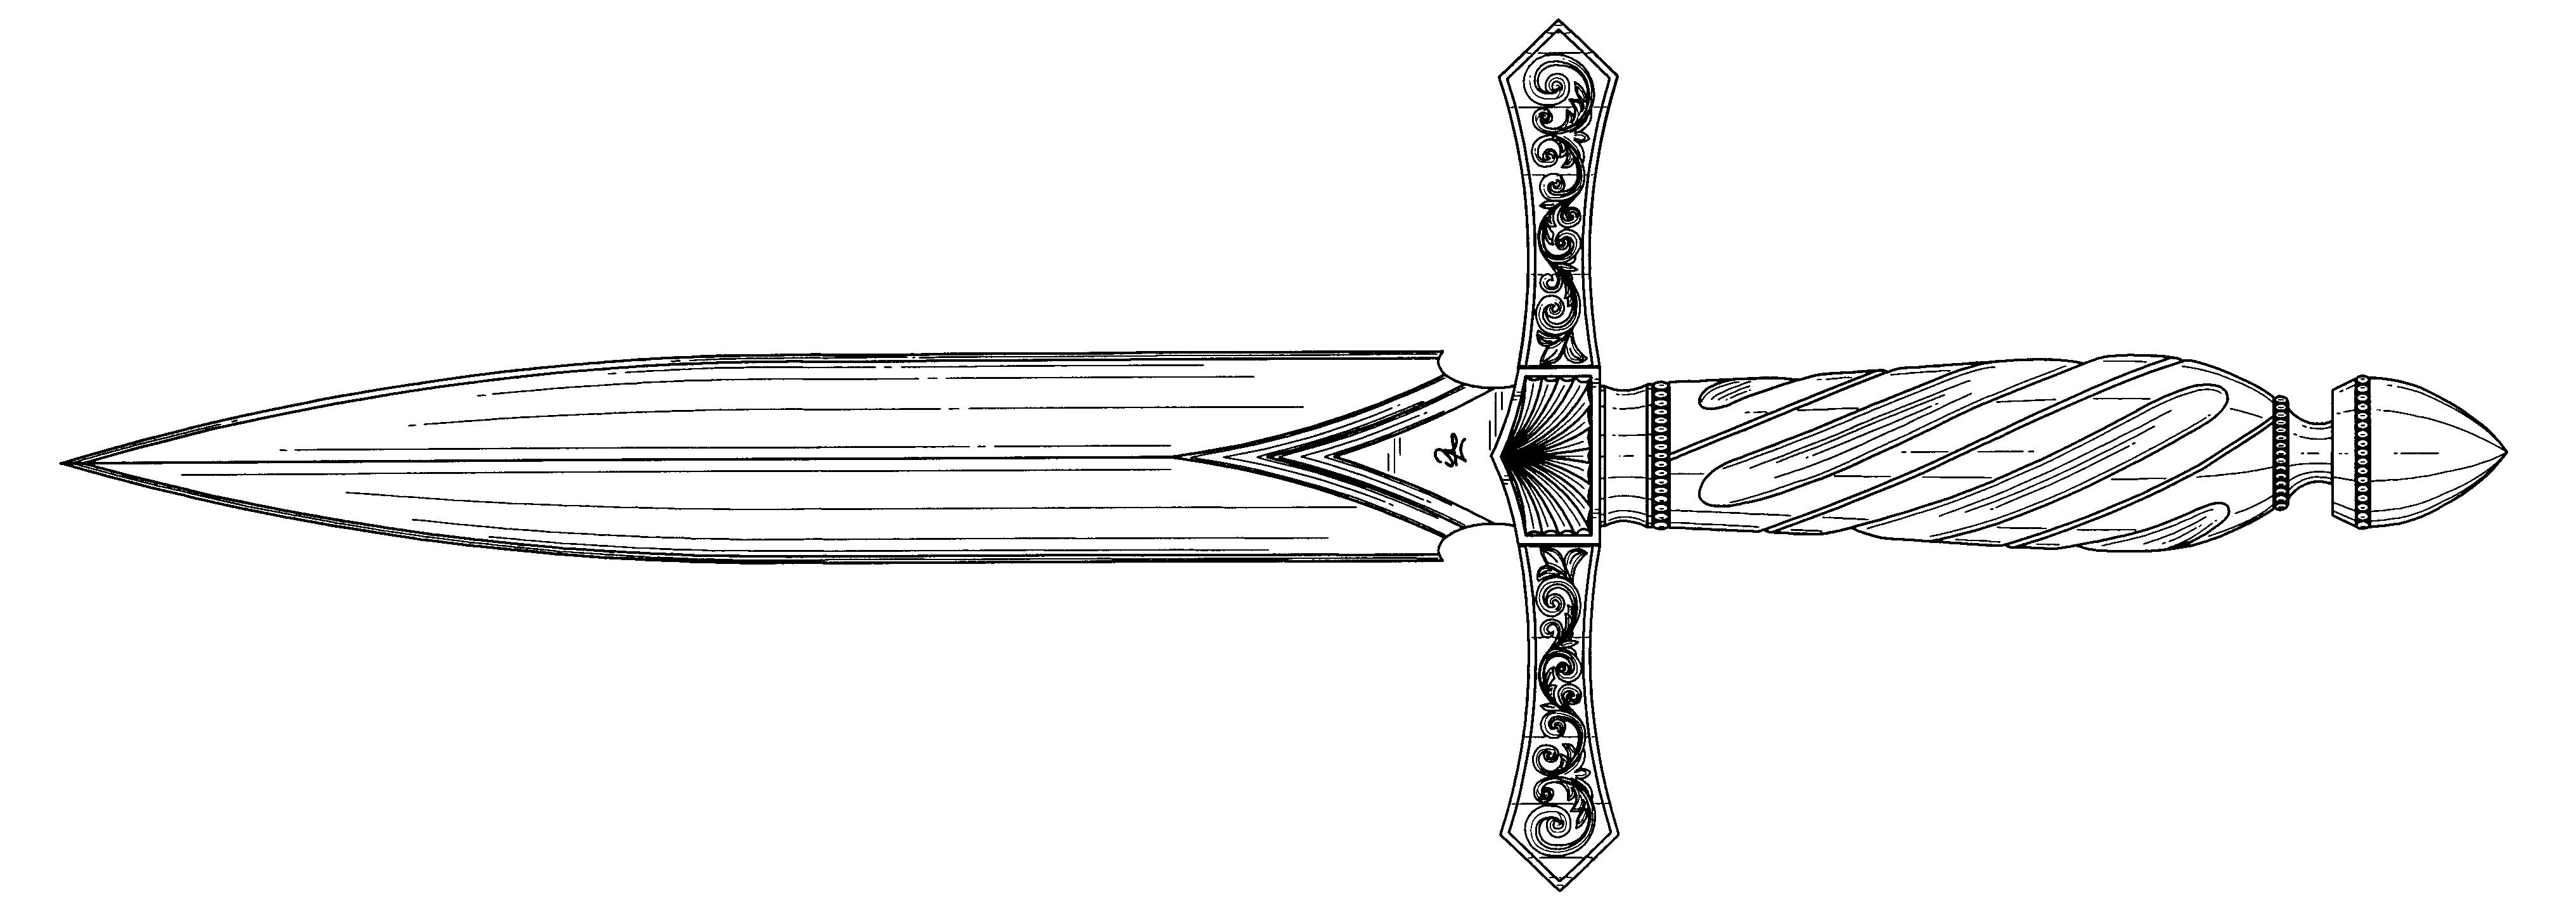 macbeth dagger drawing - photo #2